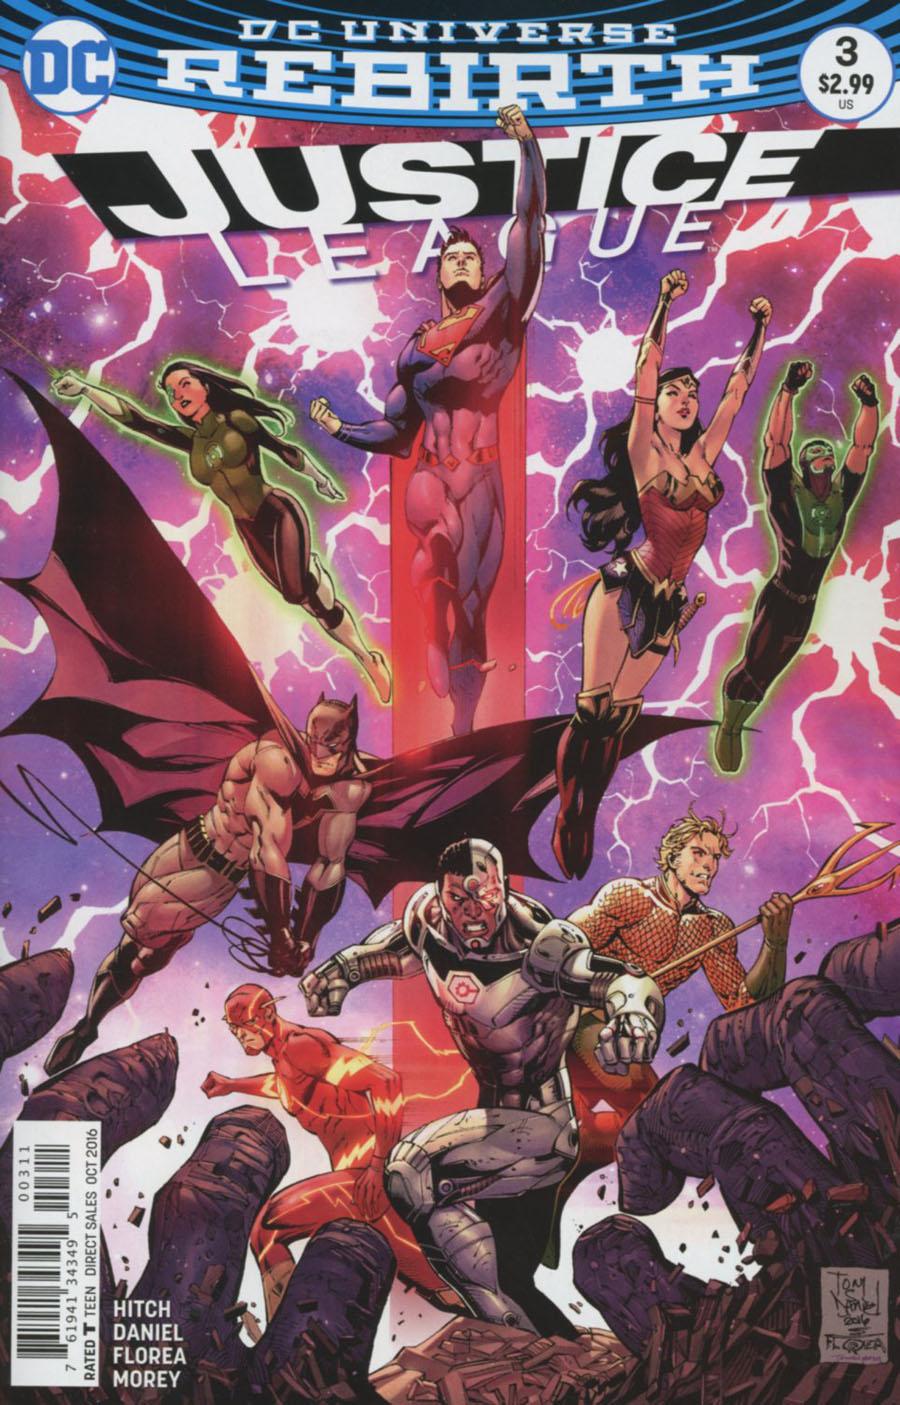 Justice League Vol 3 #3 Cover A Regular Tony S Daniel Cover